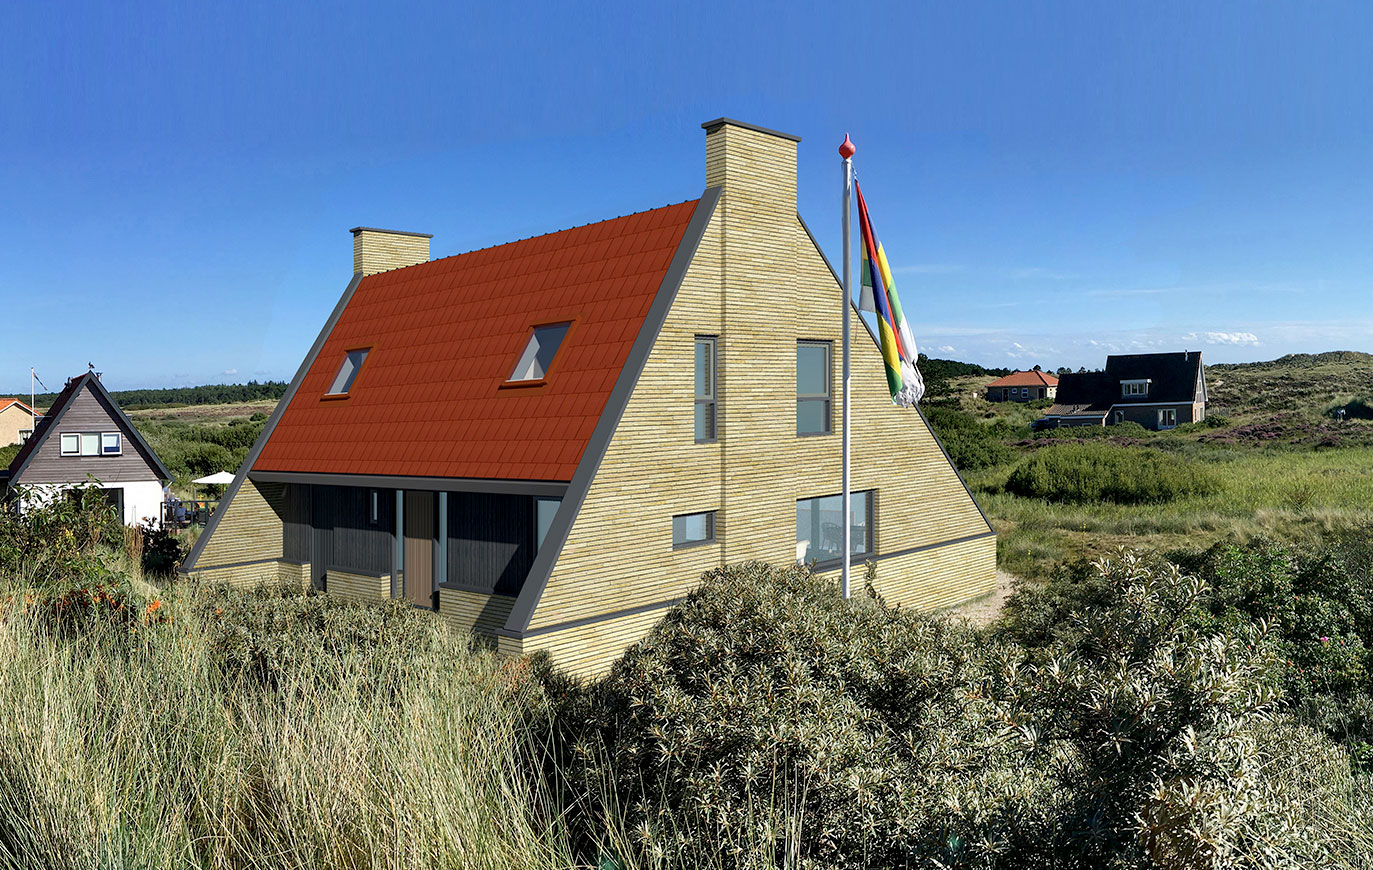 Nieuwbouw-vakantiewoning-Midsland-aan-Zee 03.jpg